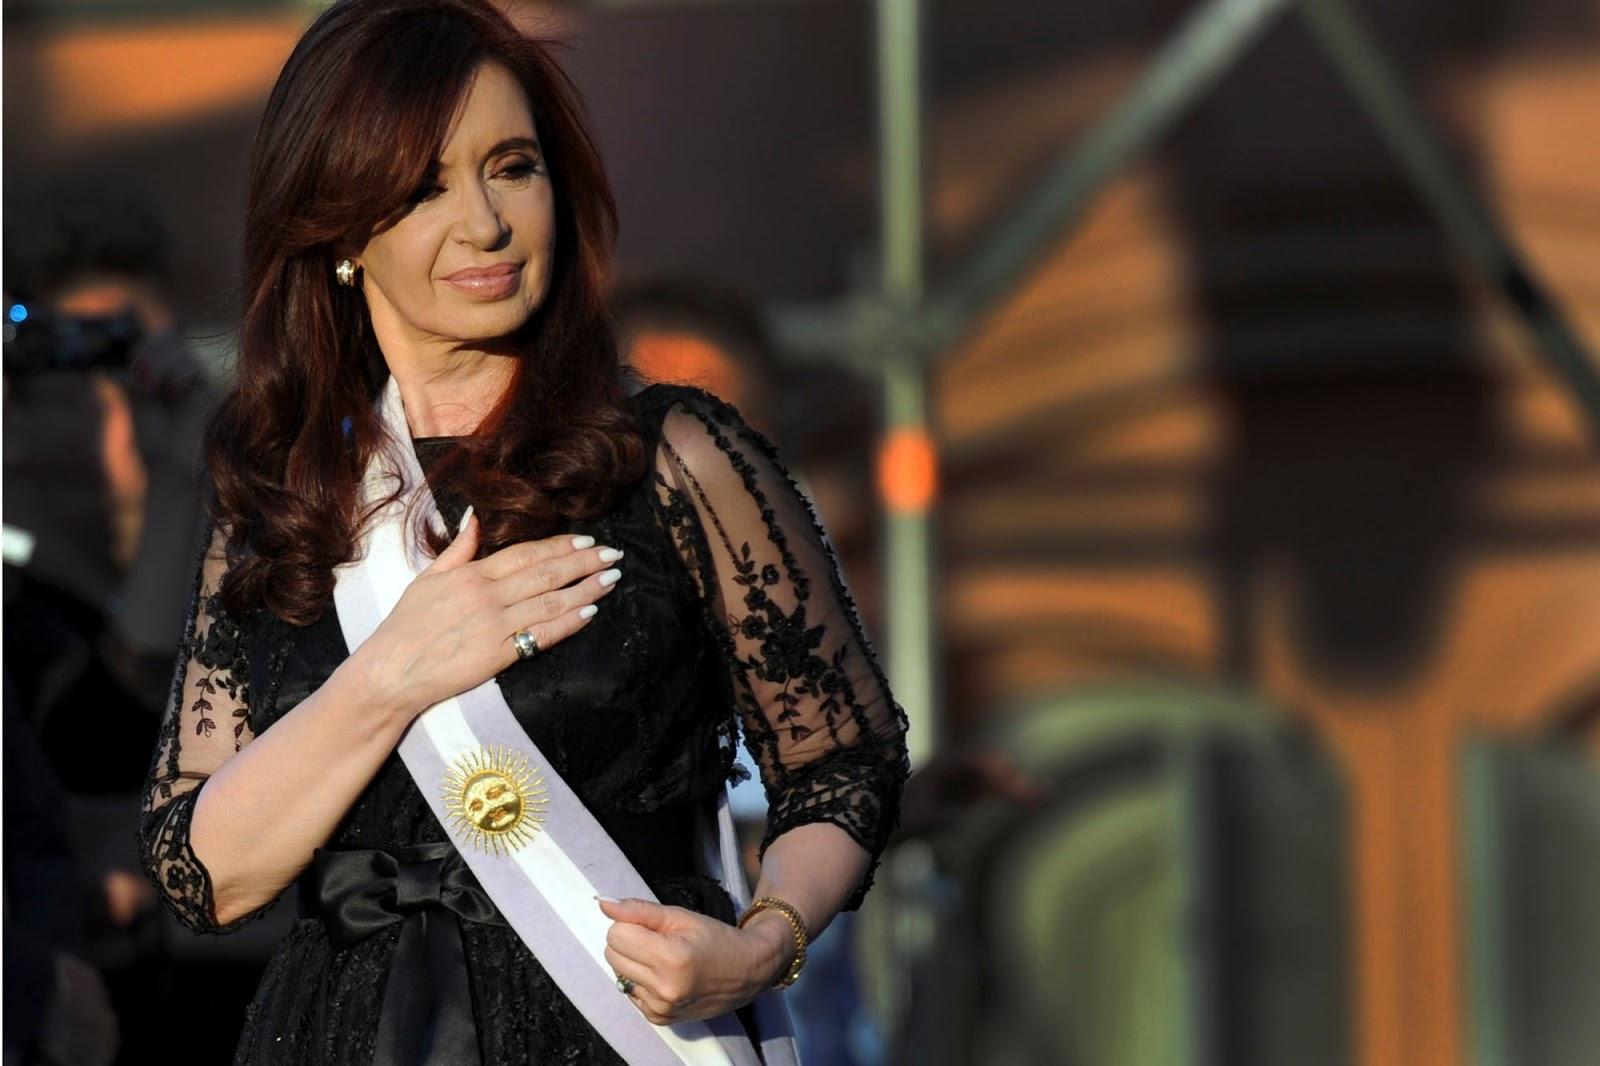 Ladrona De La Nacion Argentina   Qué dijo Google tras la denuncia de Cristina Kirchner